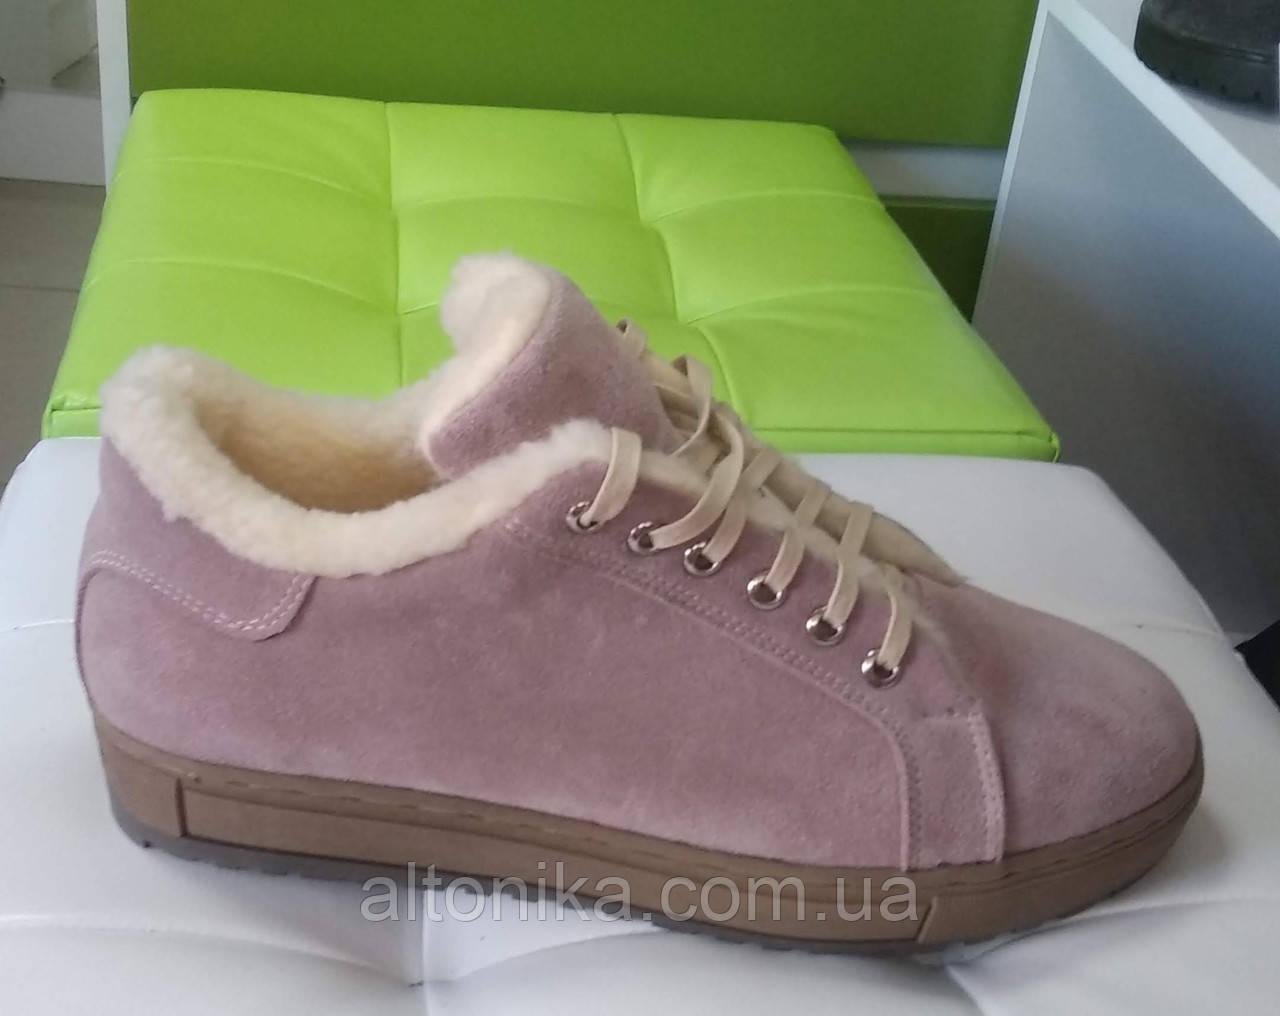 STTOPA зима. Размеры 40-45. Ботинки кожаные больших размеров. С-9-44-4045-35-4045